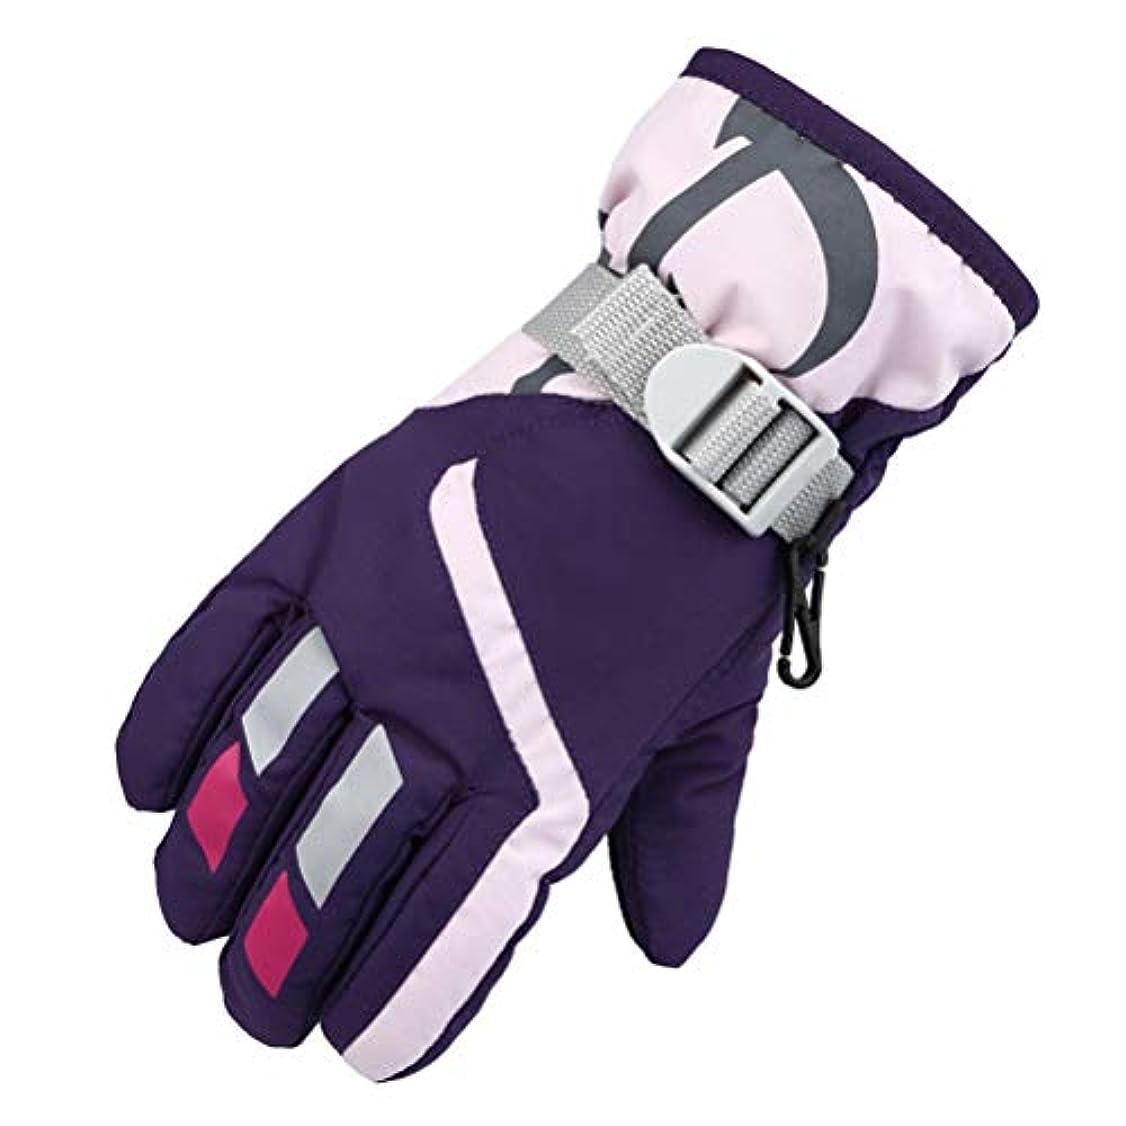 羽効率的に二TAIPPAN 子供用スキー手袋冬は、暖かい手袋調節可能な耐寒性手袋厚く防寒グローブ 保温 冬 厚手 革 防寒 スポーツグローブ